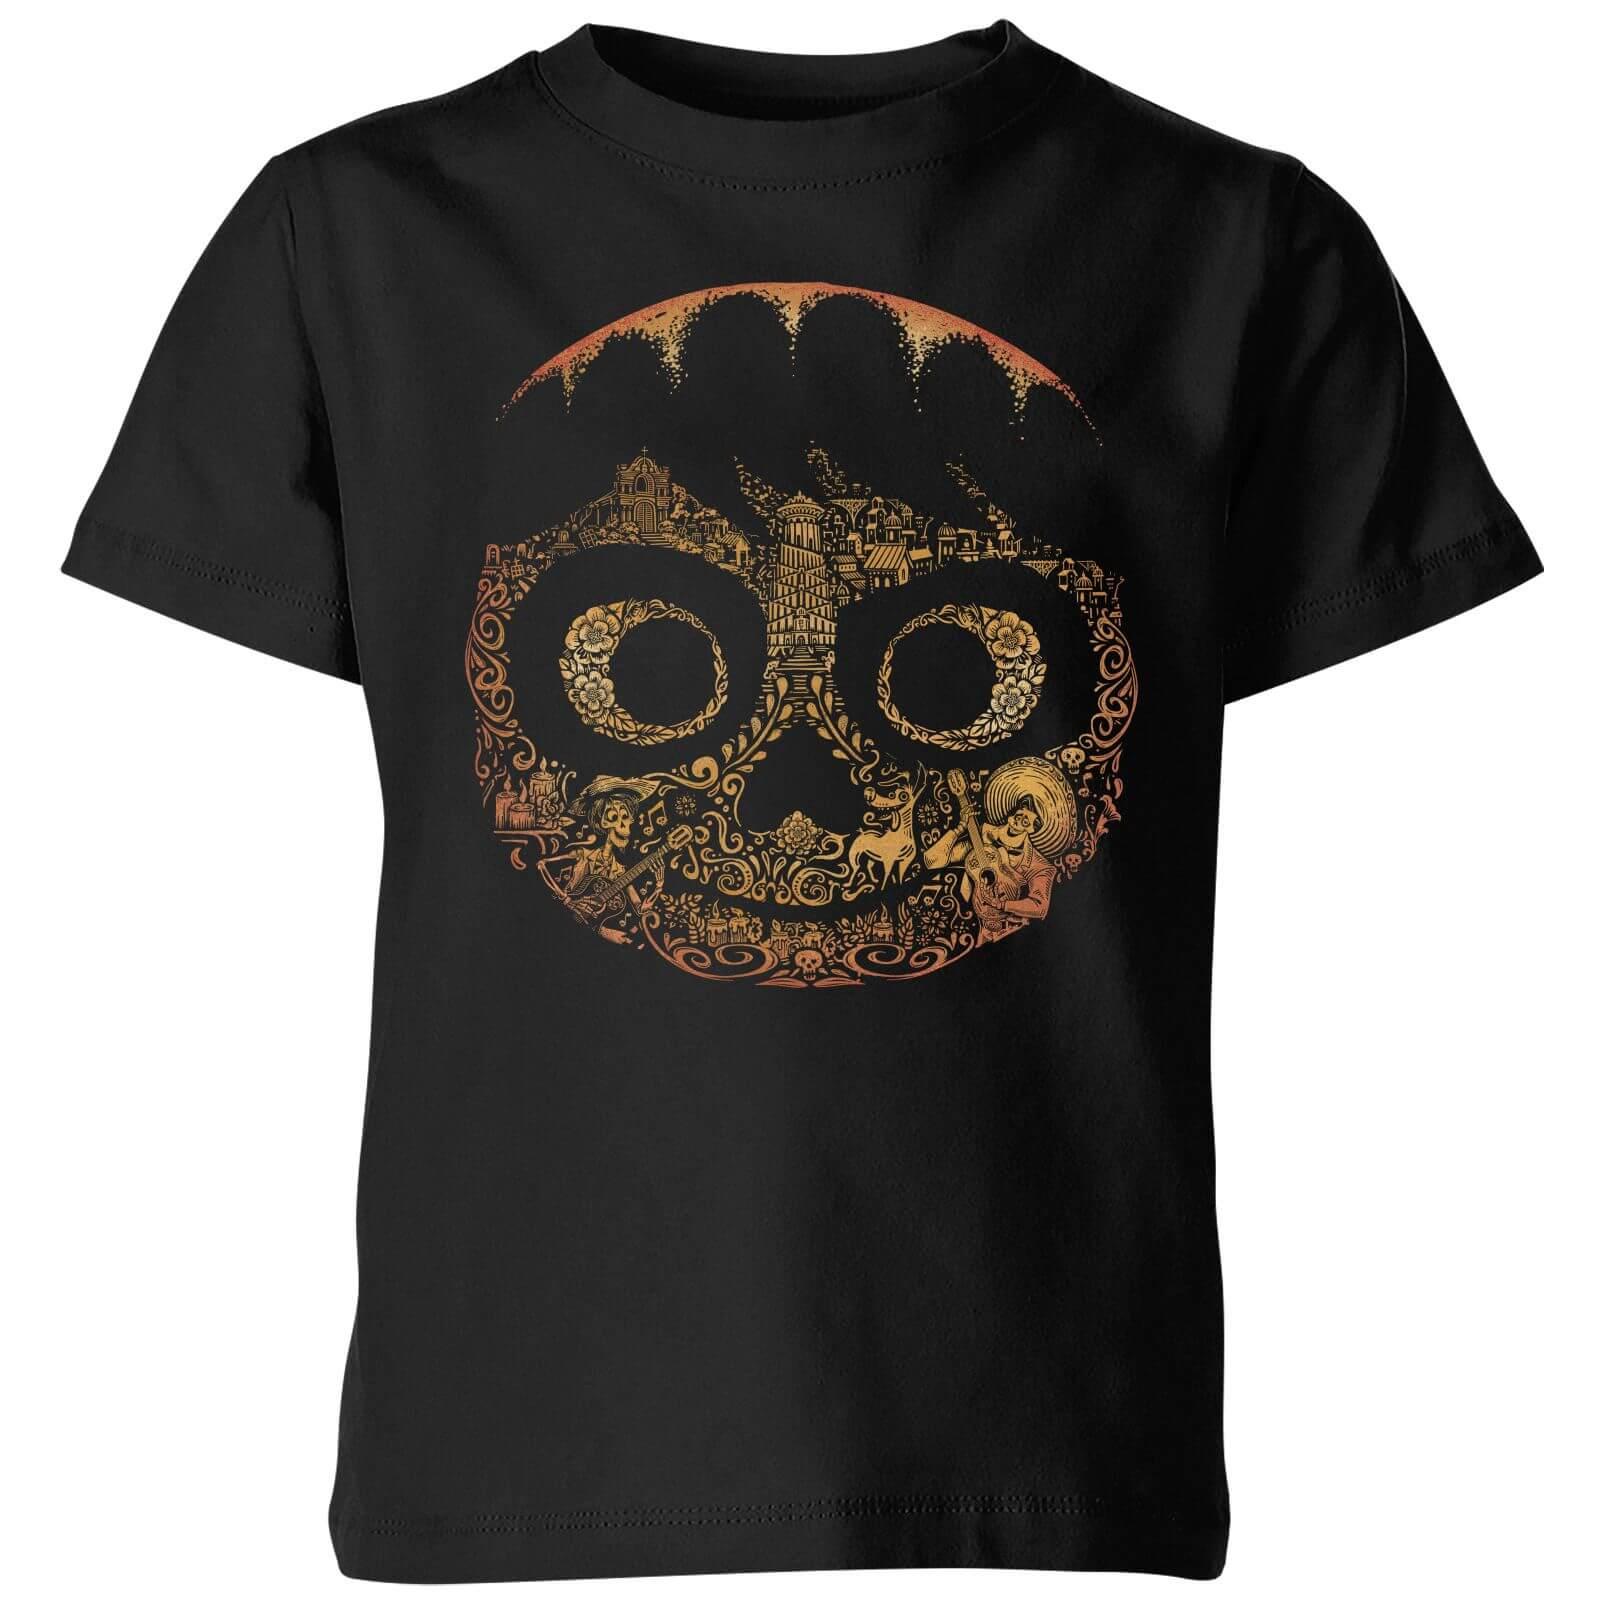 Pixar T-Shirt Enfant Visage Miguel Coco - Noir - 11-12 ans - Noir